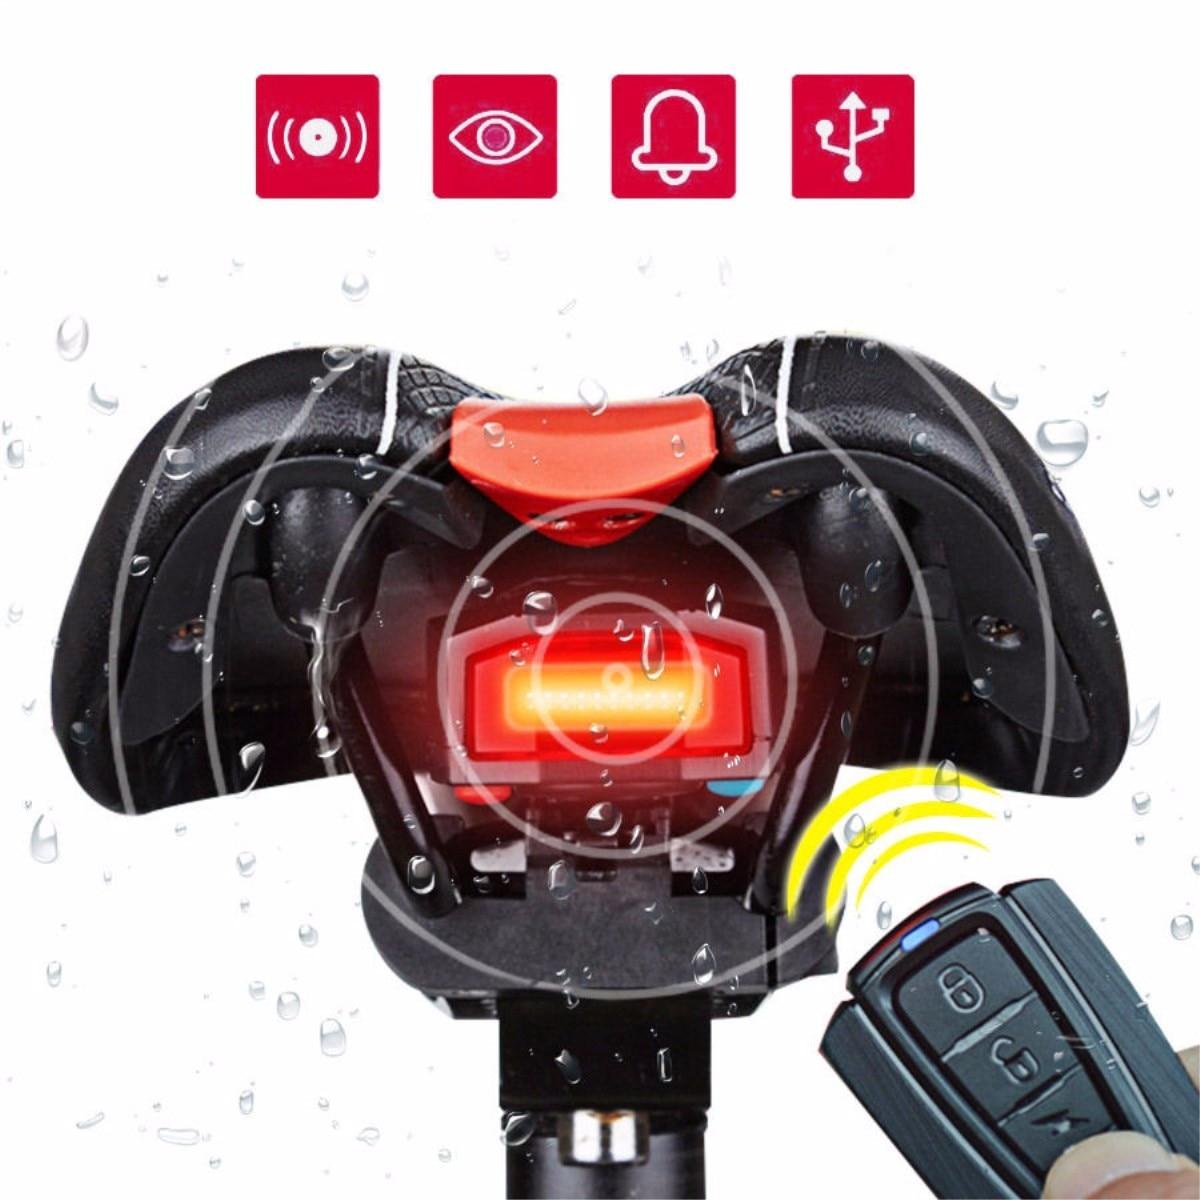 3 em 1 bicicleta bloqueio de segurança sem fio controle remoto alarme alerter bell luz traseira cob lanterna traseira acessórios da bicicleta